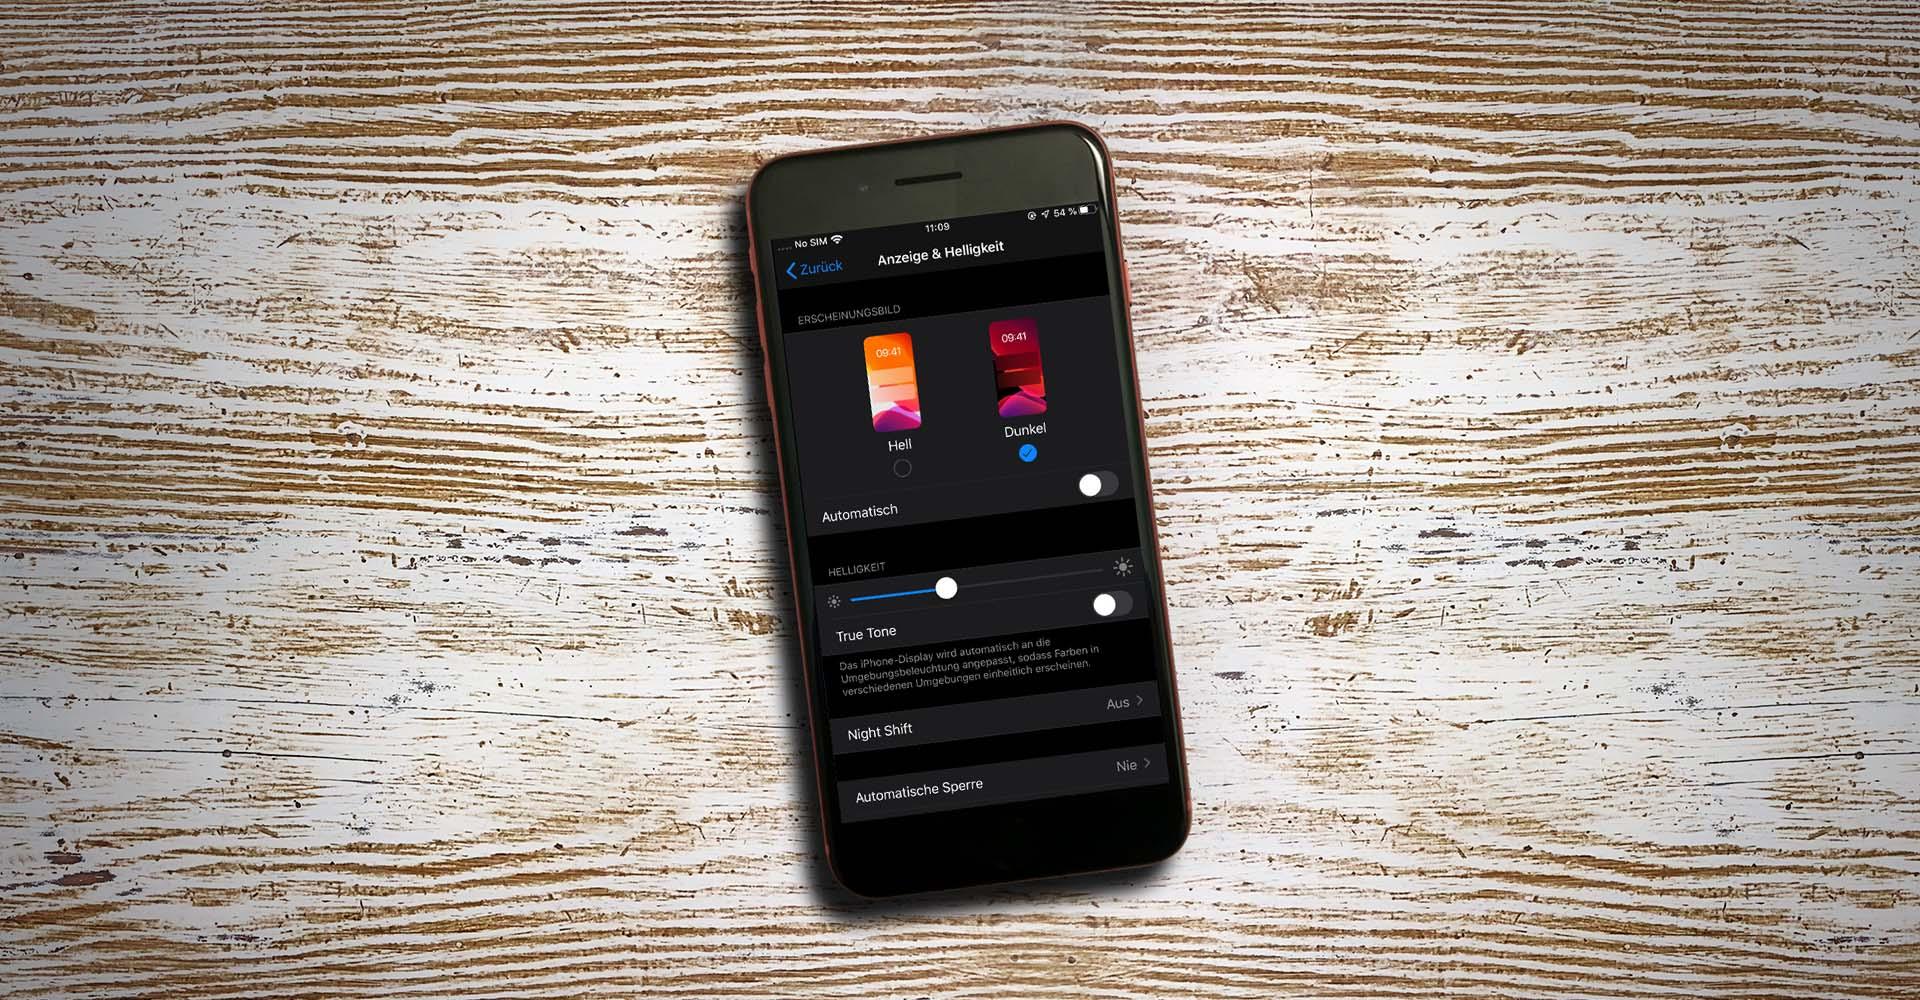 Bild zeigt den Dark Mode von iOS 13 am iPhone.